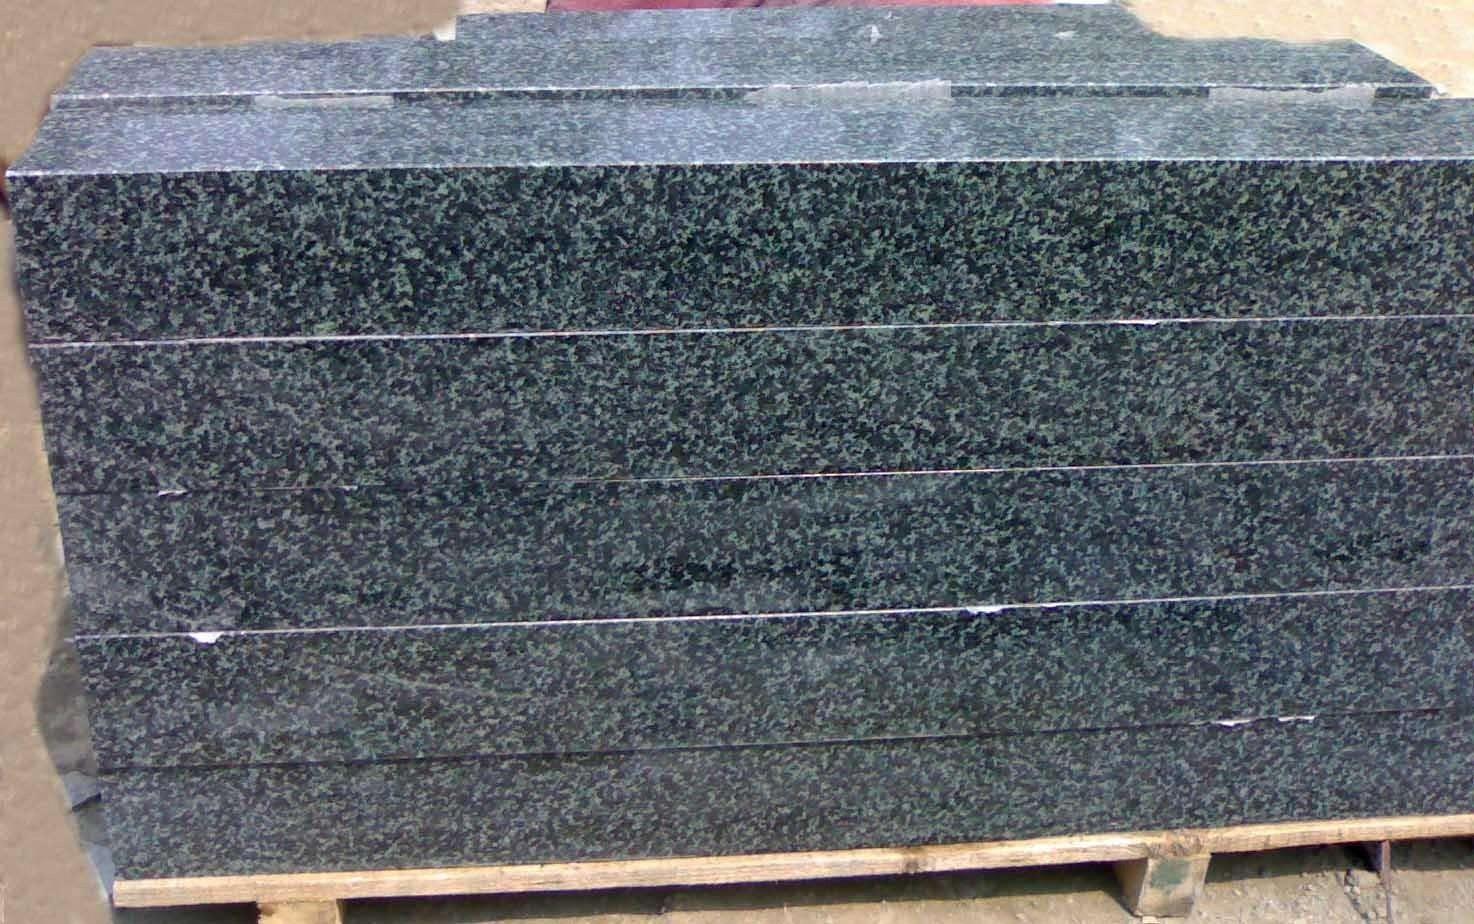 石材产品种类的中英文以及说明